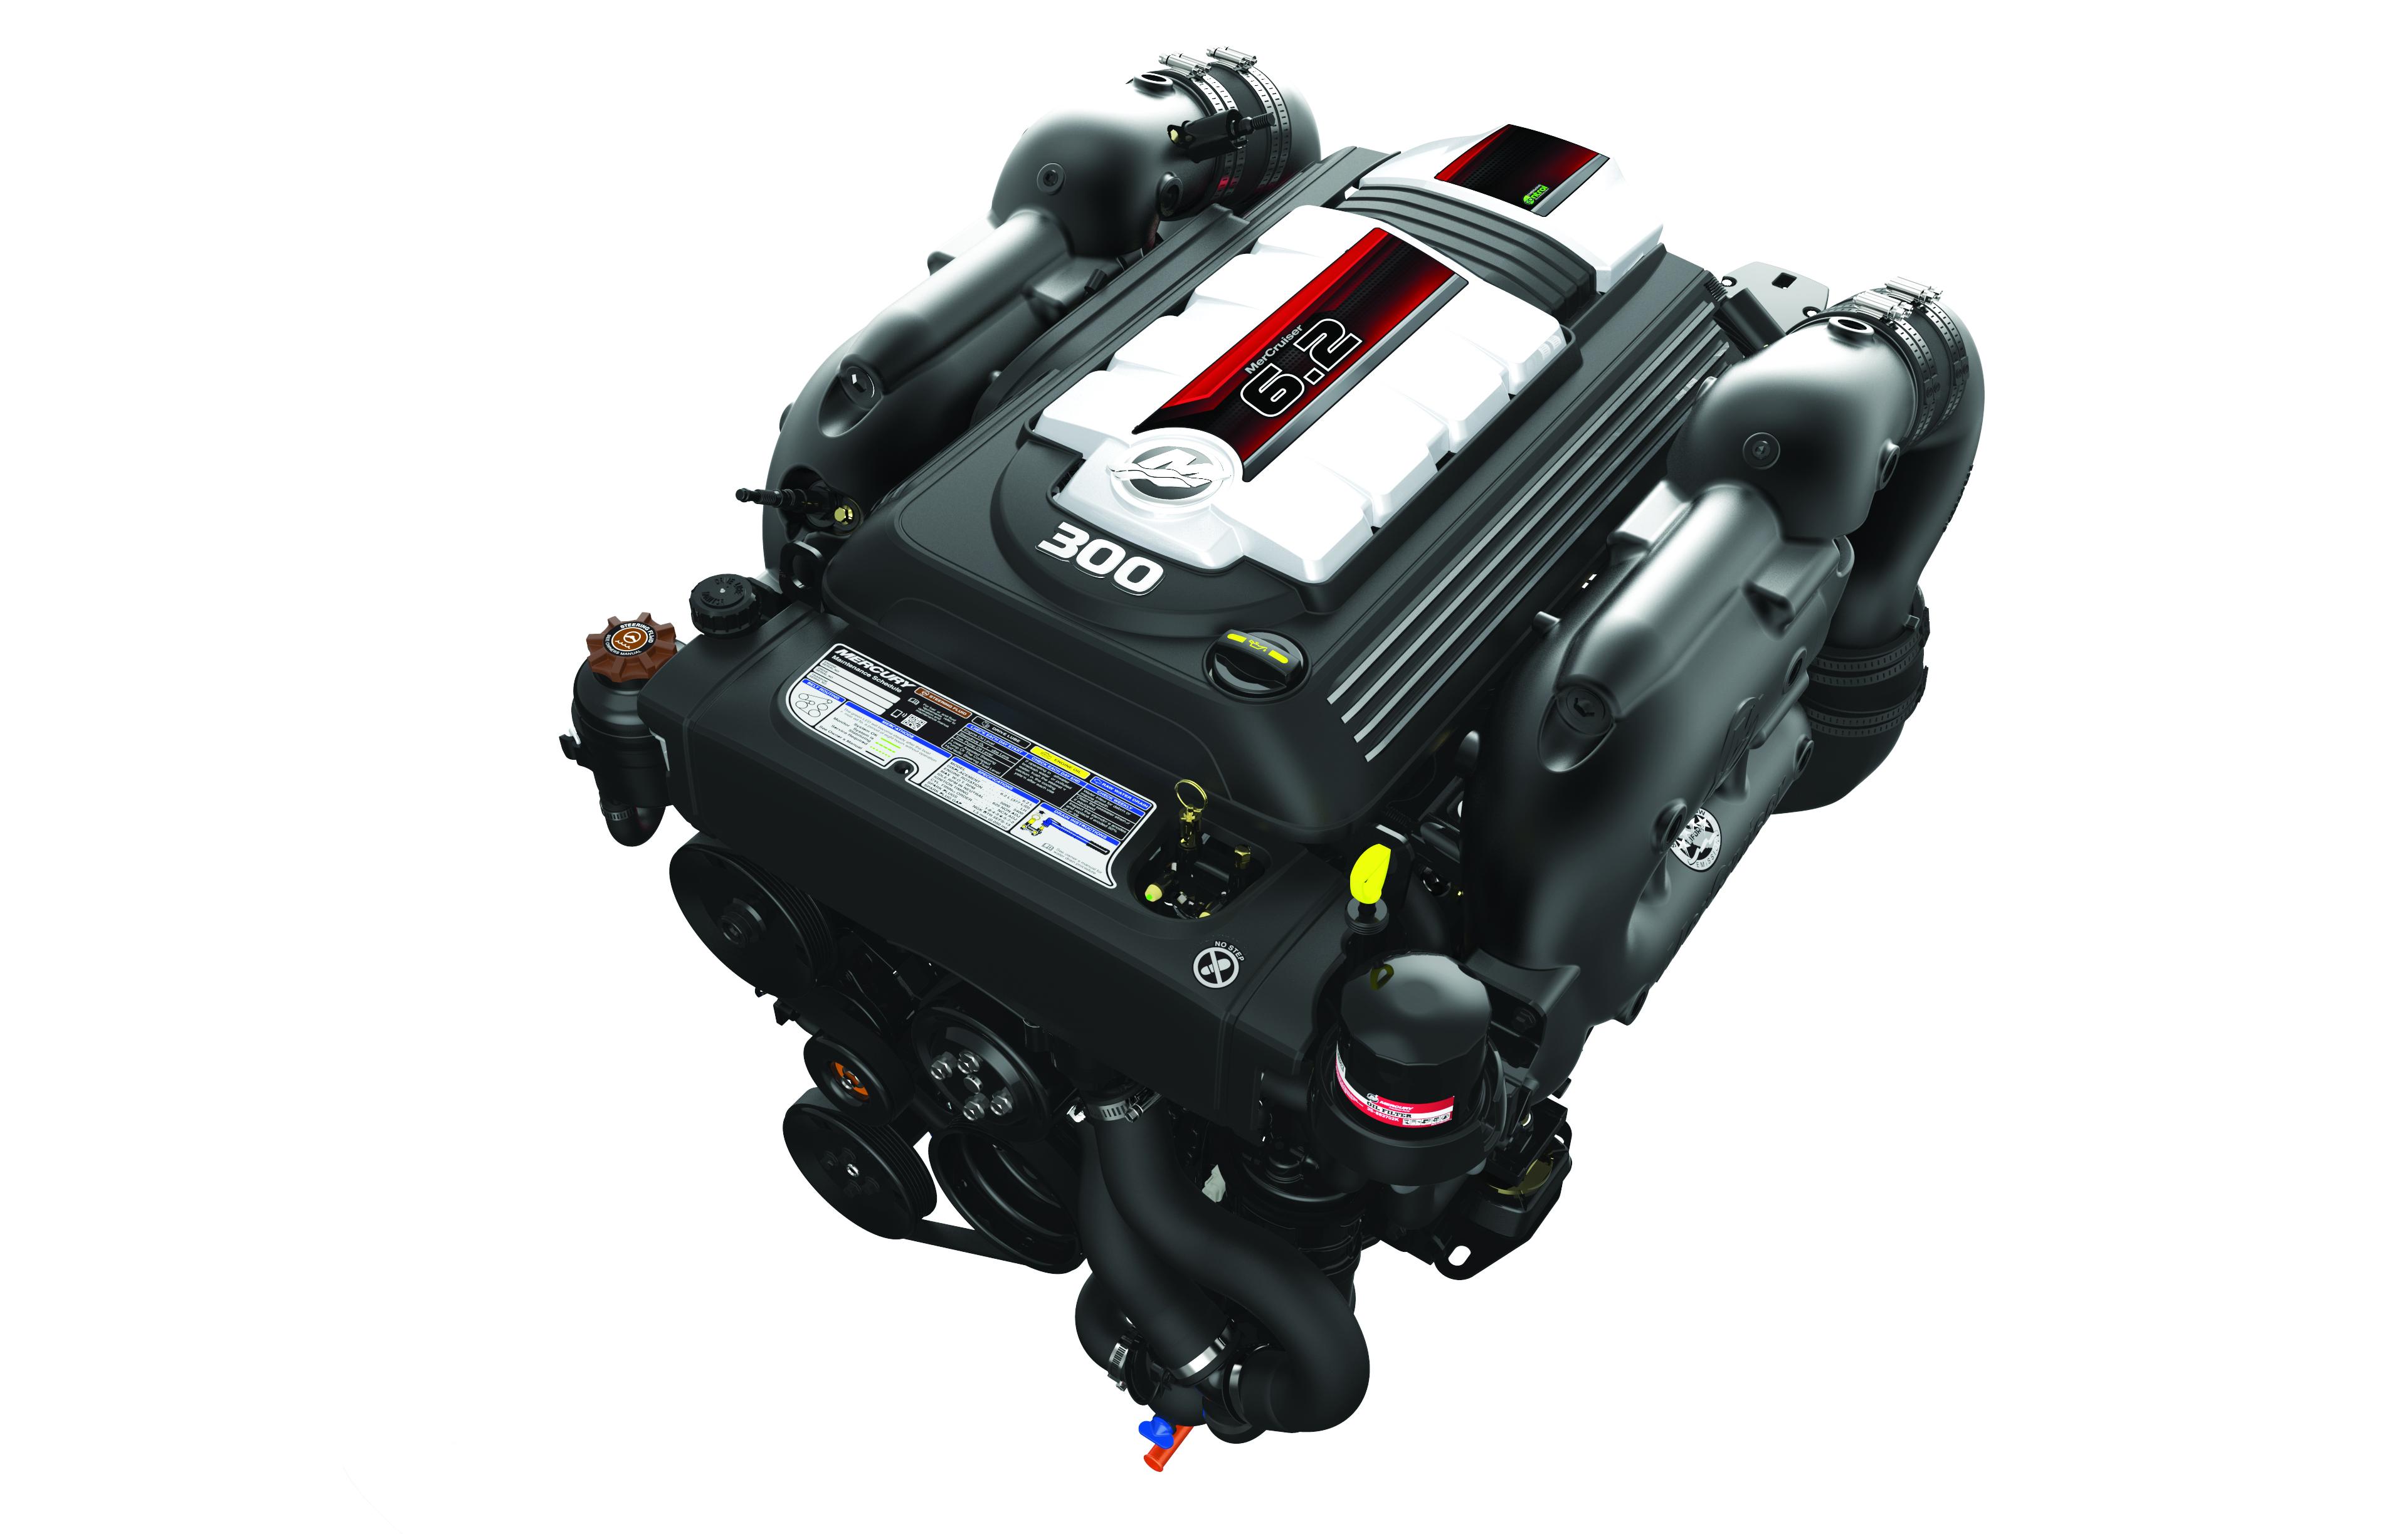 Rask Store besparelser på en af verdens mest solgte bådmotorer SM-01